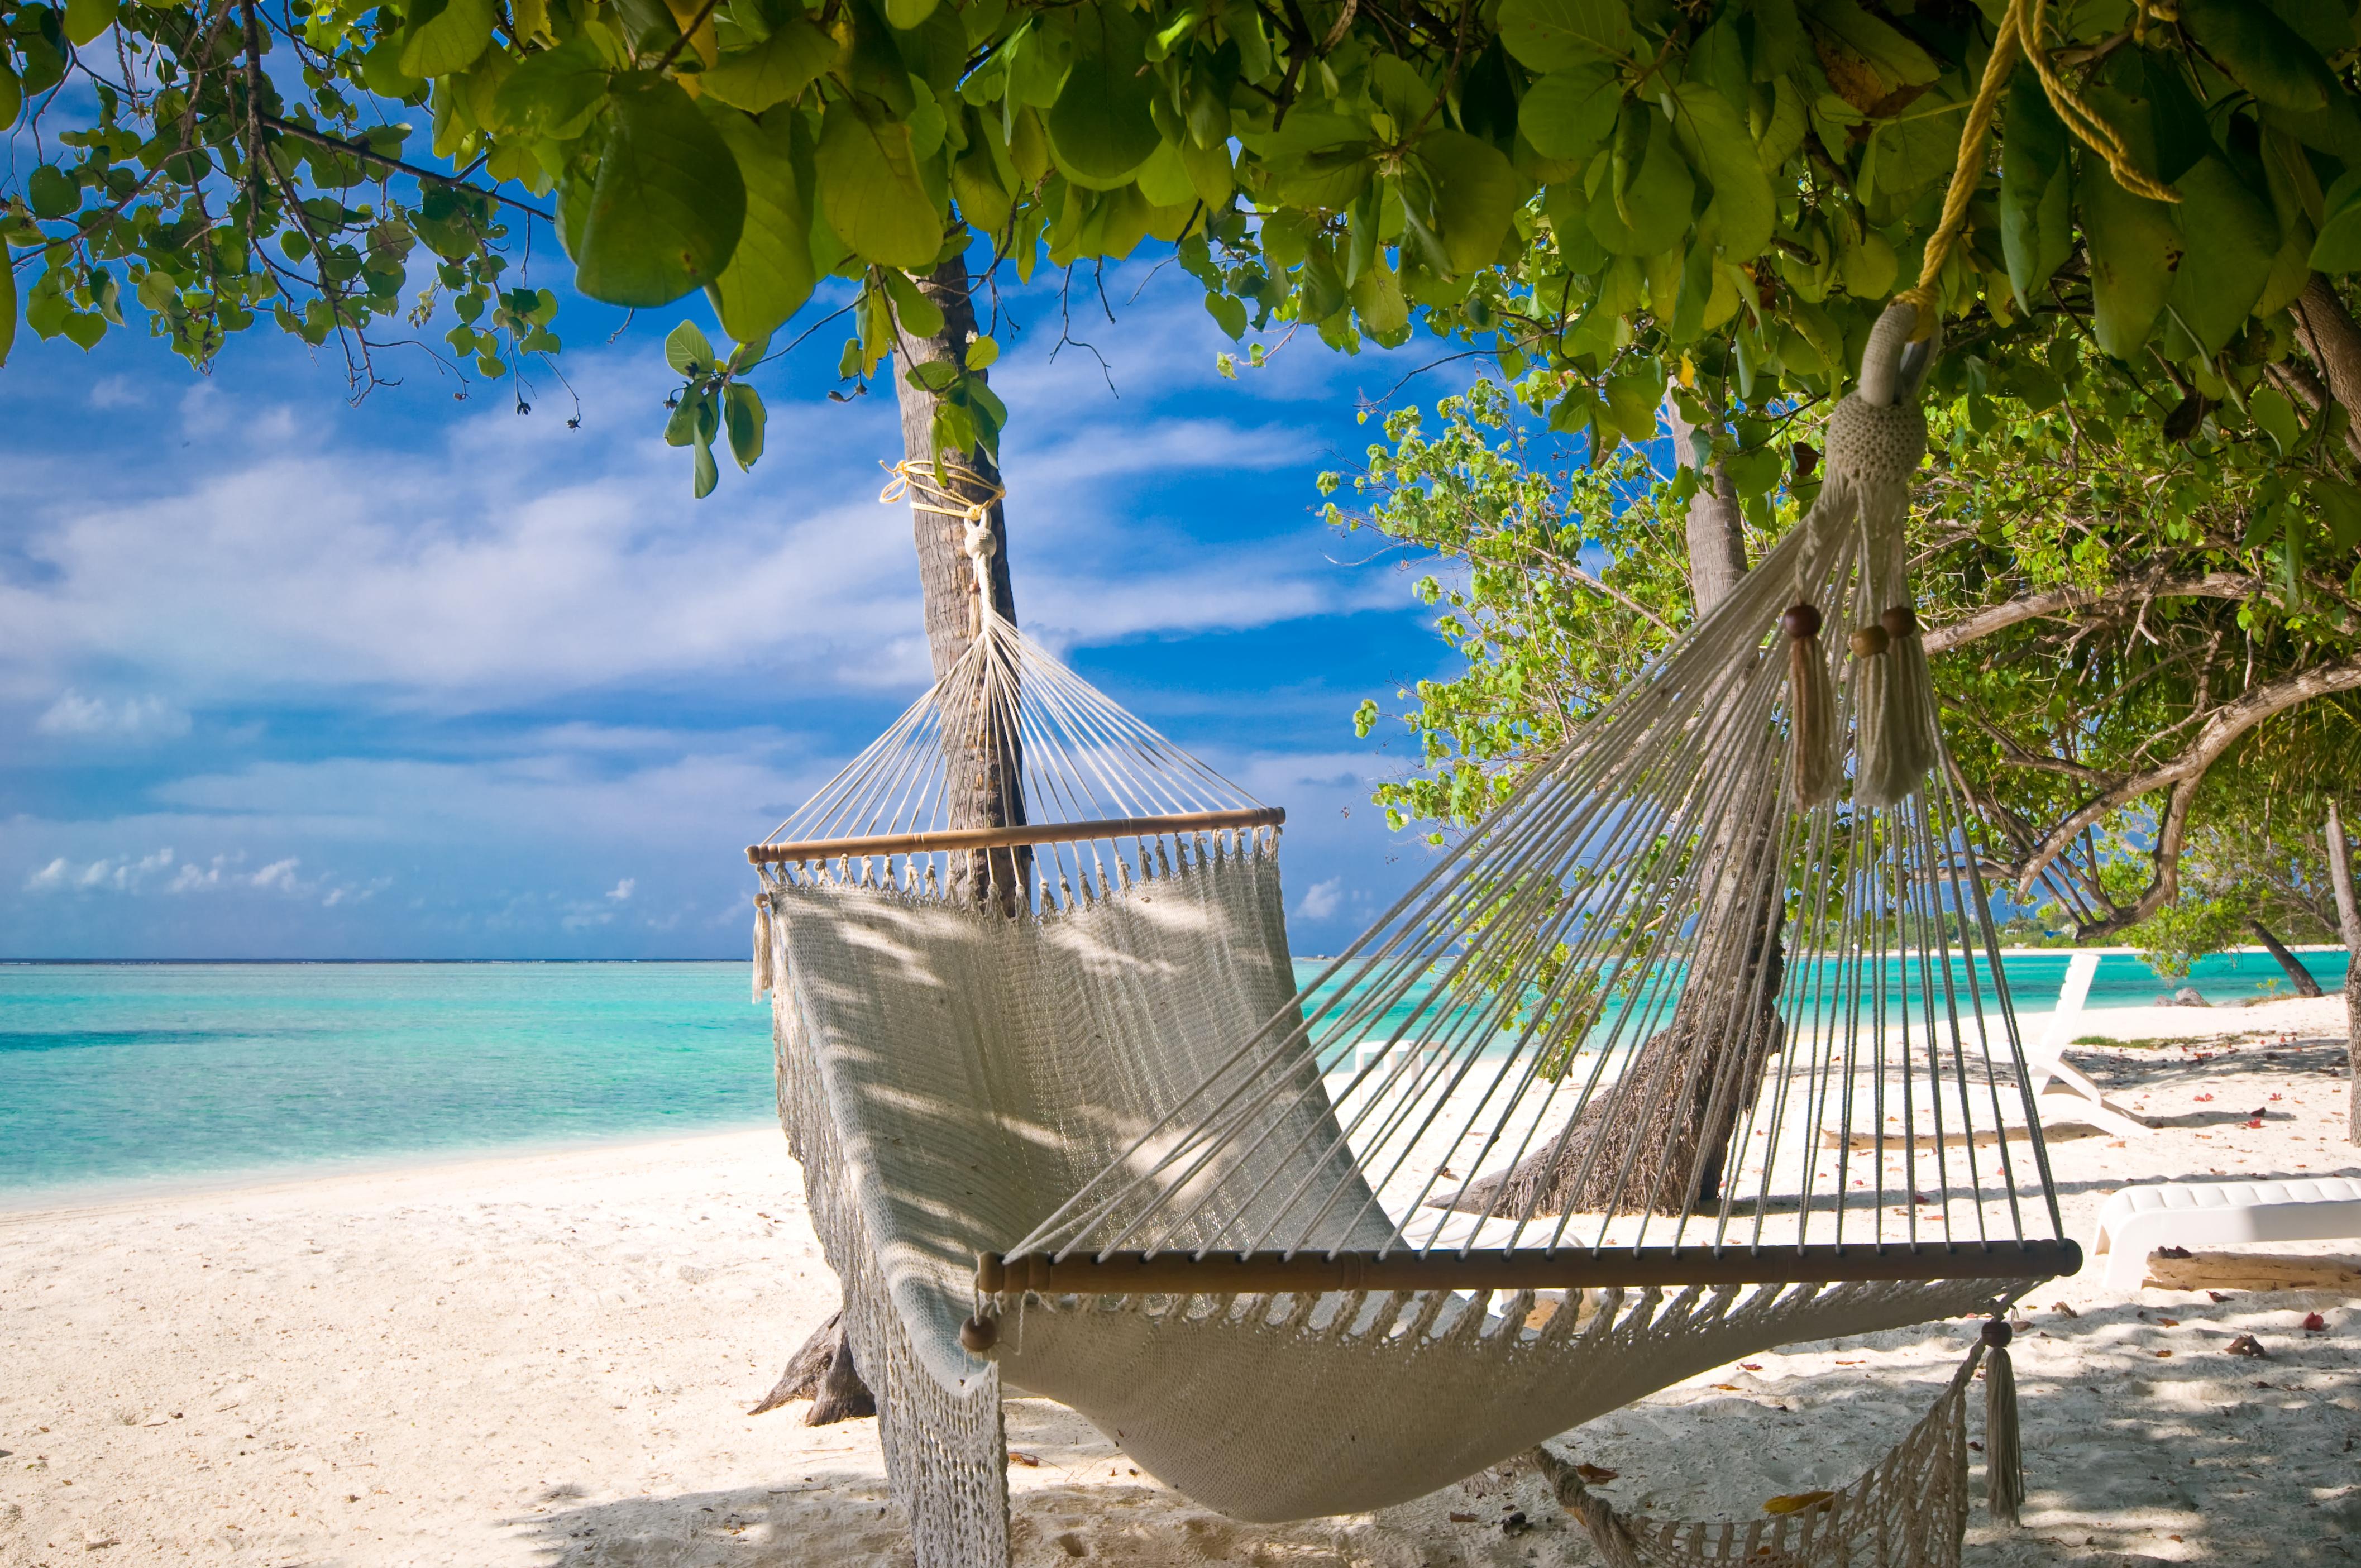 cw-701-beach-hammock.jpg